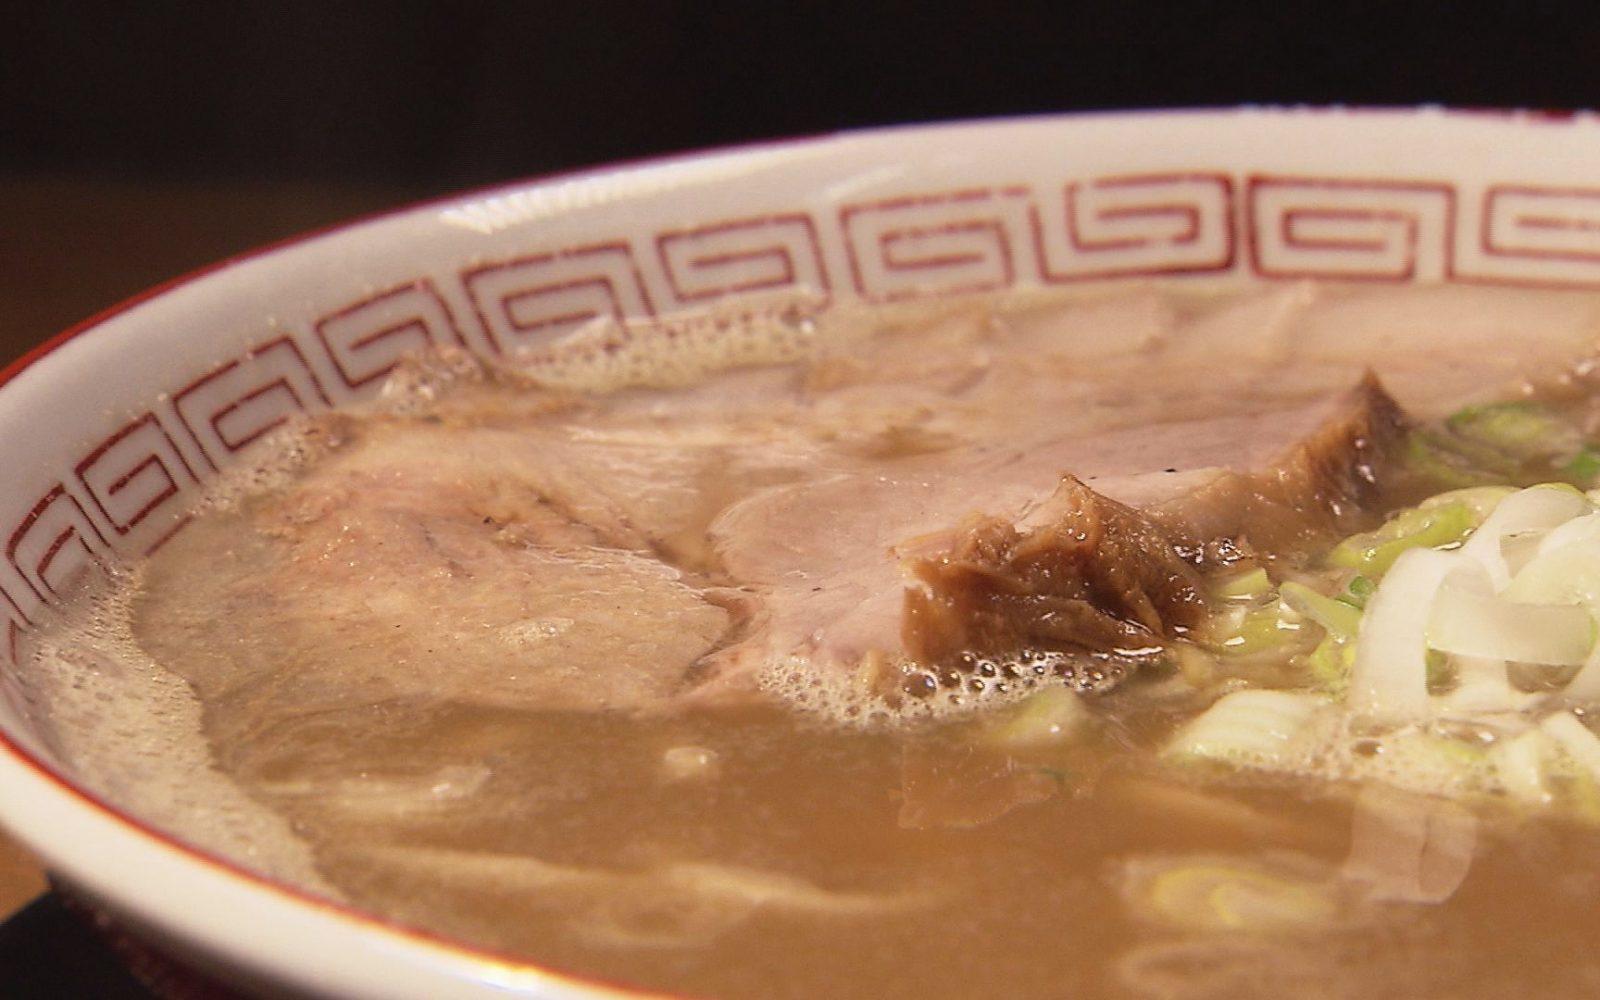 平子煮干しの上品な風味のスープに、特徴的な食感の自家製麺が印象的な一杯